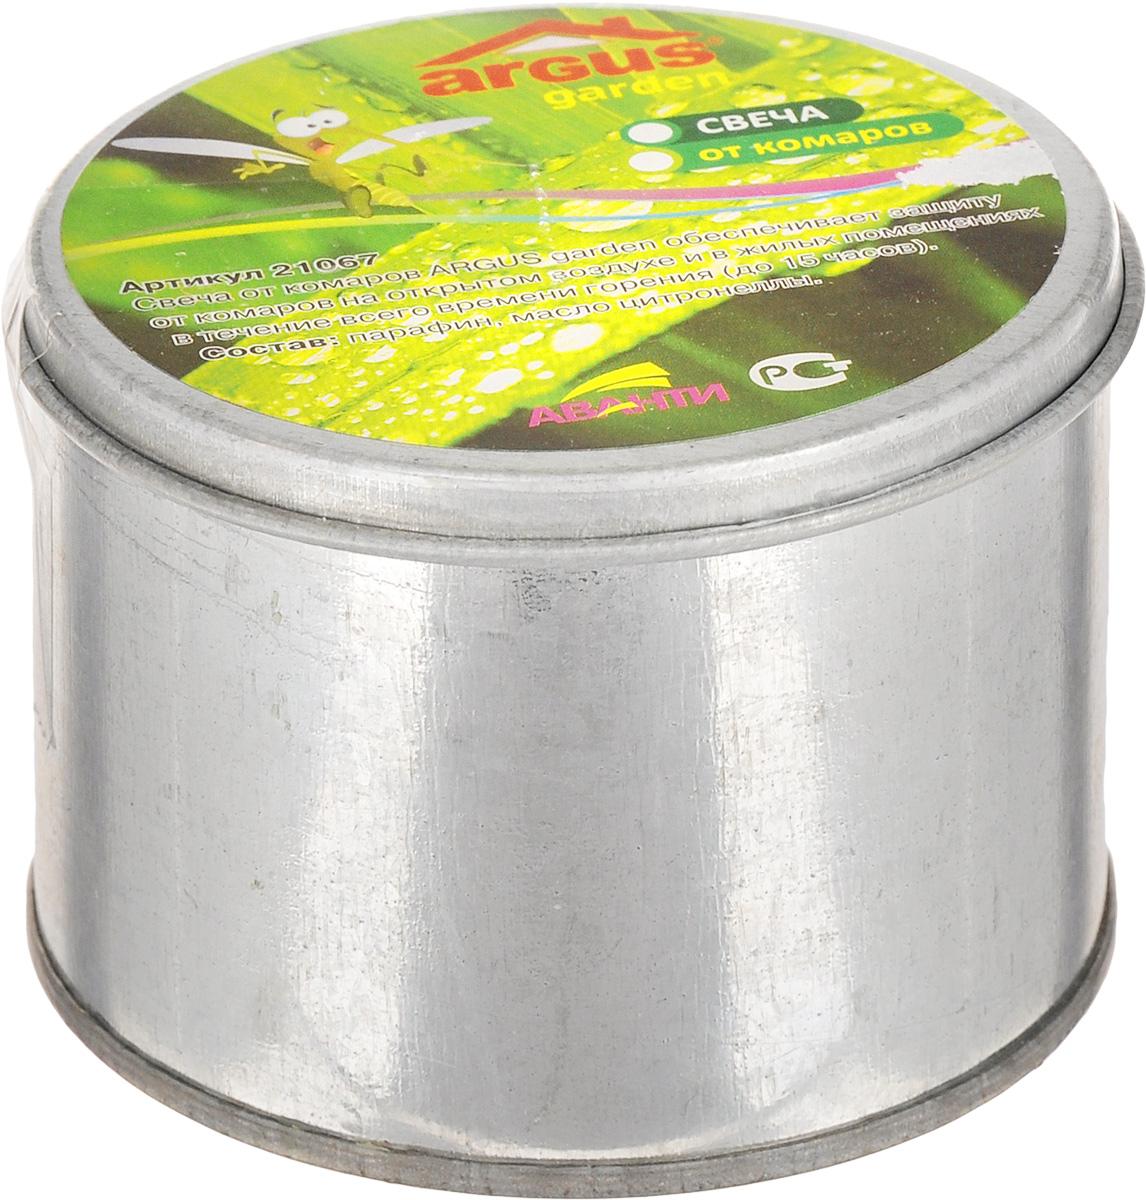 Свеча от комаров Argus36760Свеча от комаров Argus обеспечивает защиту от комаров на открытом воздухе и в жилых помещениях в течение всего времени горения (до 15 часов).Меры предосторожности:Использовать на открытом воздухе или в хорошо проветриваемом помещении площадью 25 м3. Поджигать свечу на жаропрочной поверхности или на земле. Не оставлять горящую свечу без присмотра. Не прикасаться до свечи во время горения. Хранить отдельно от пищевых продуктов в местах не доступных детям. При хранении избегать попадания прямых солнечных лучей на свечу.Состав: парафин, масло цитронеллы.Товар сертифицирован.